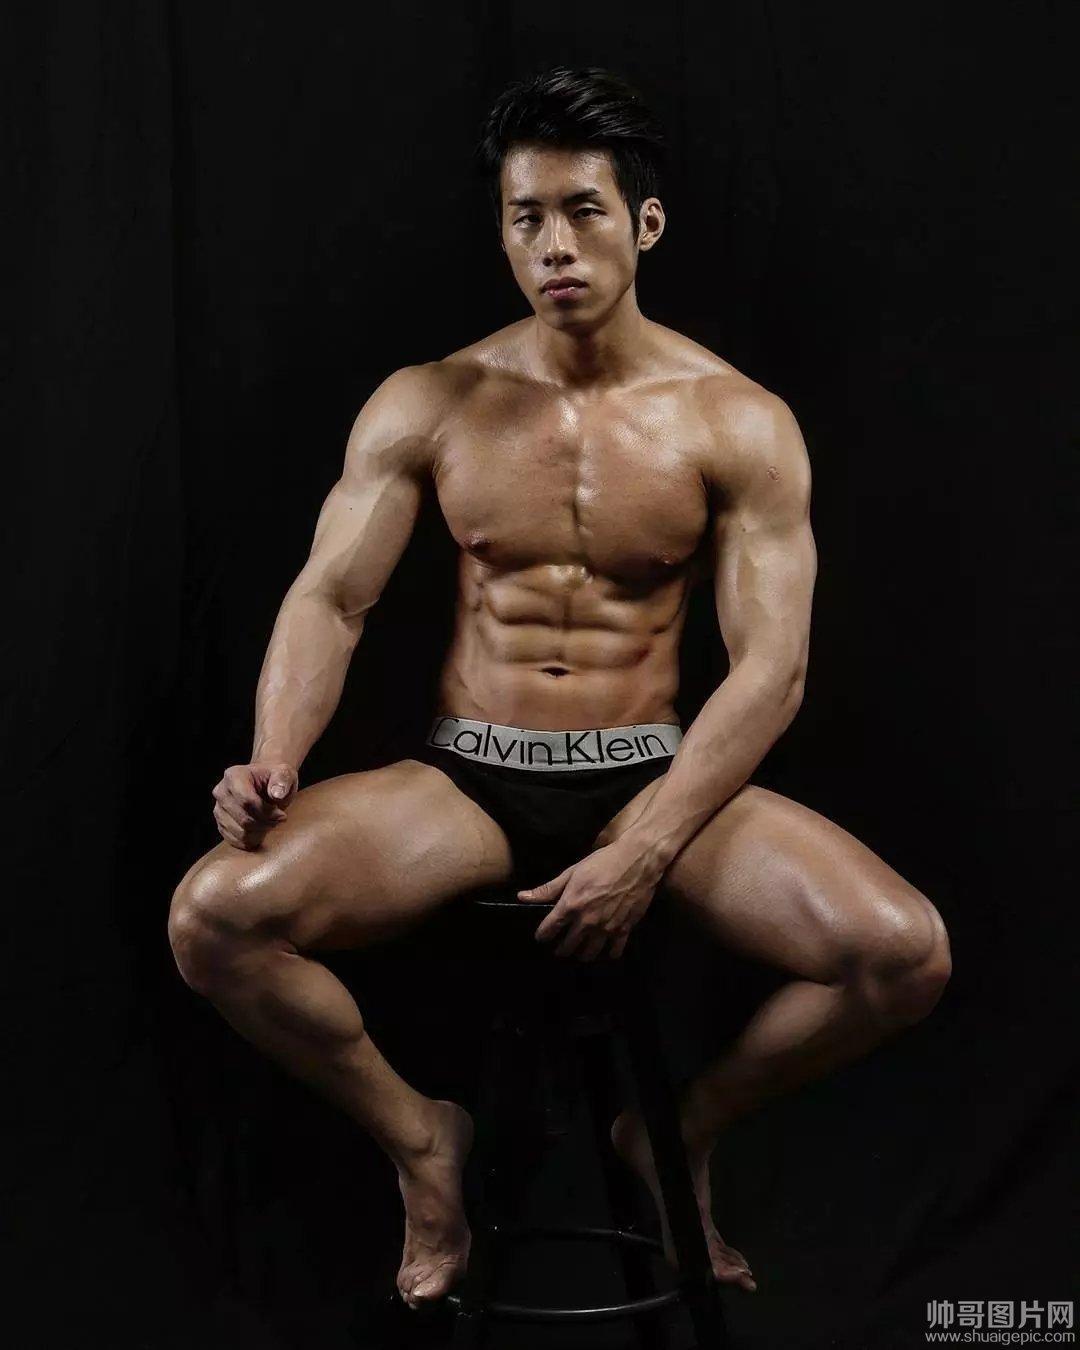 肌肉帅哥漏大雕不遮 巨雕肌肉帅哥